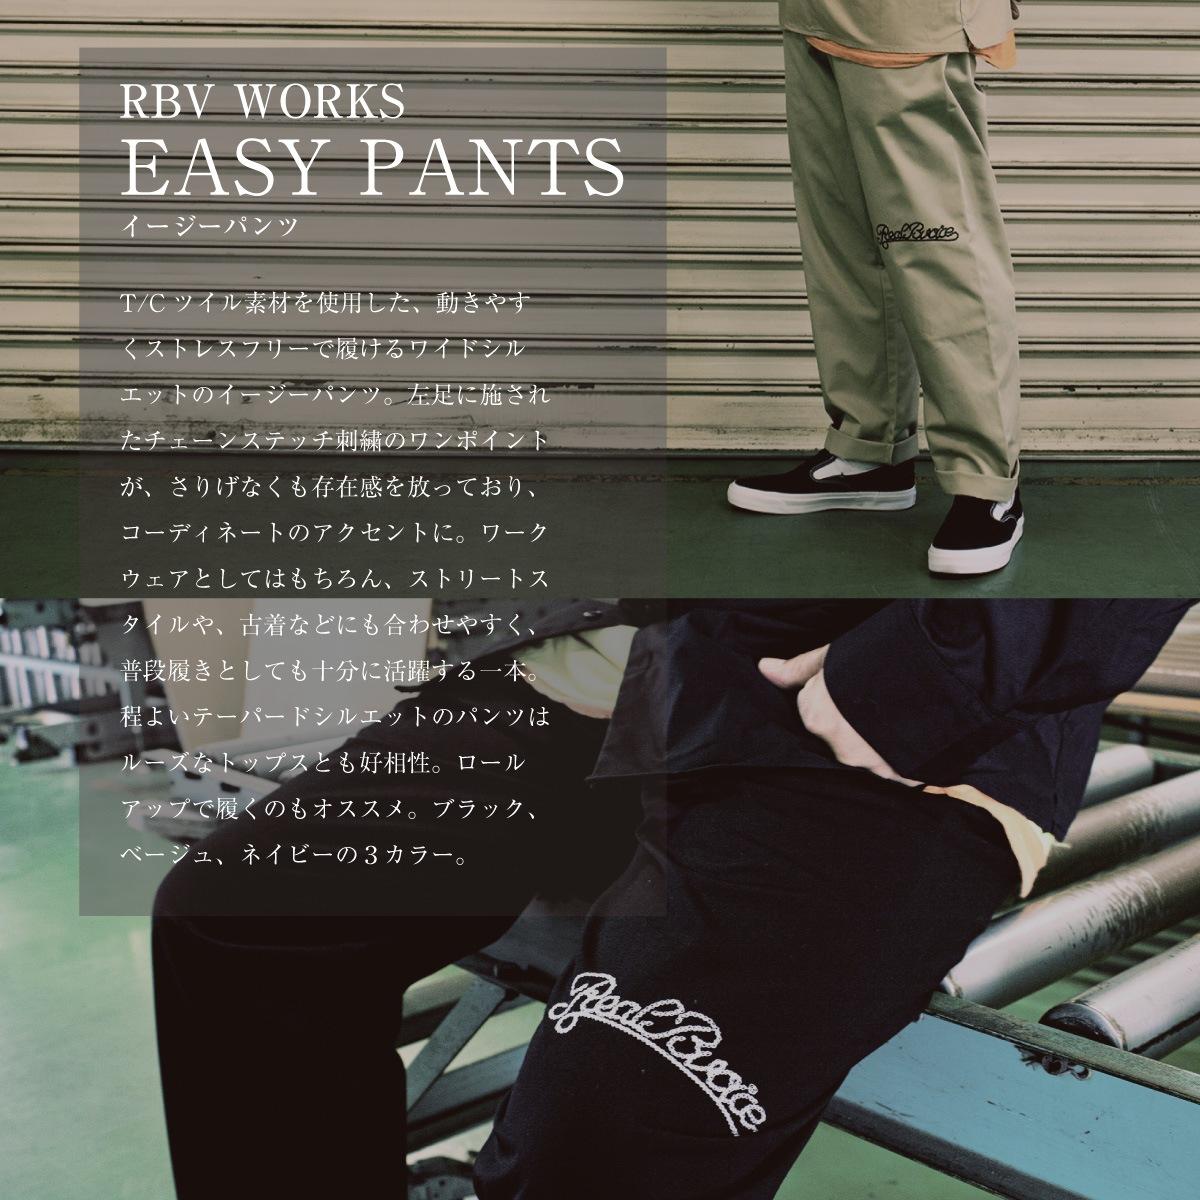 easypants